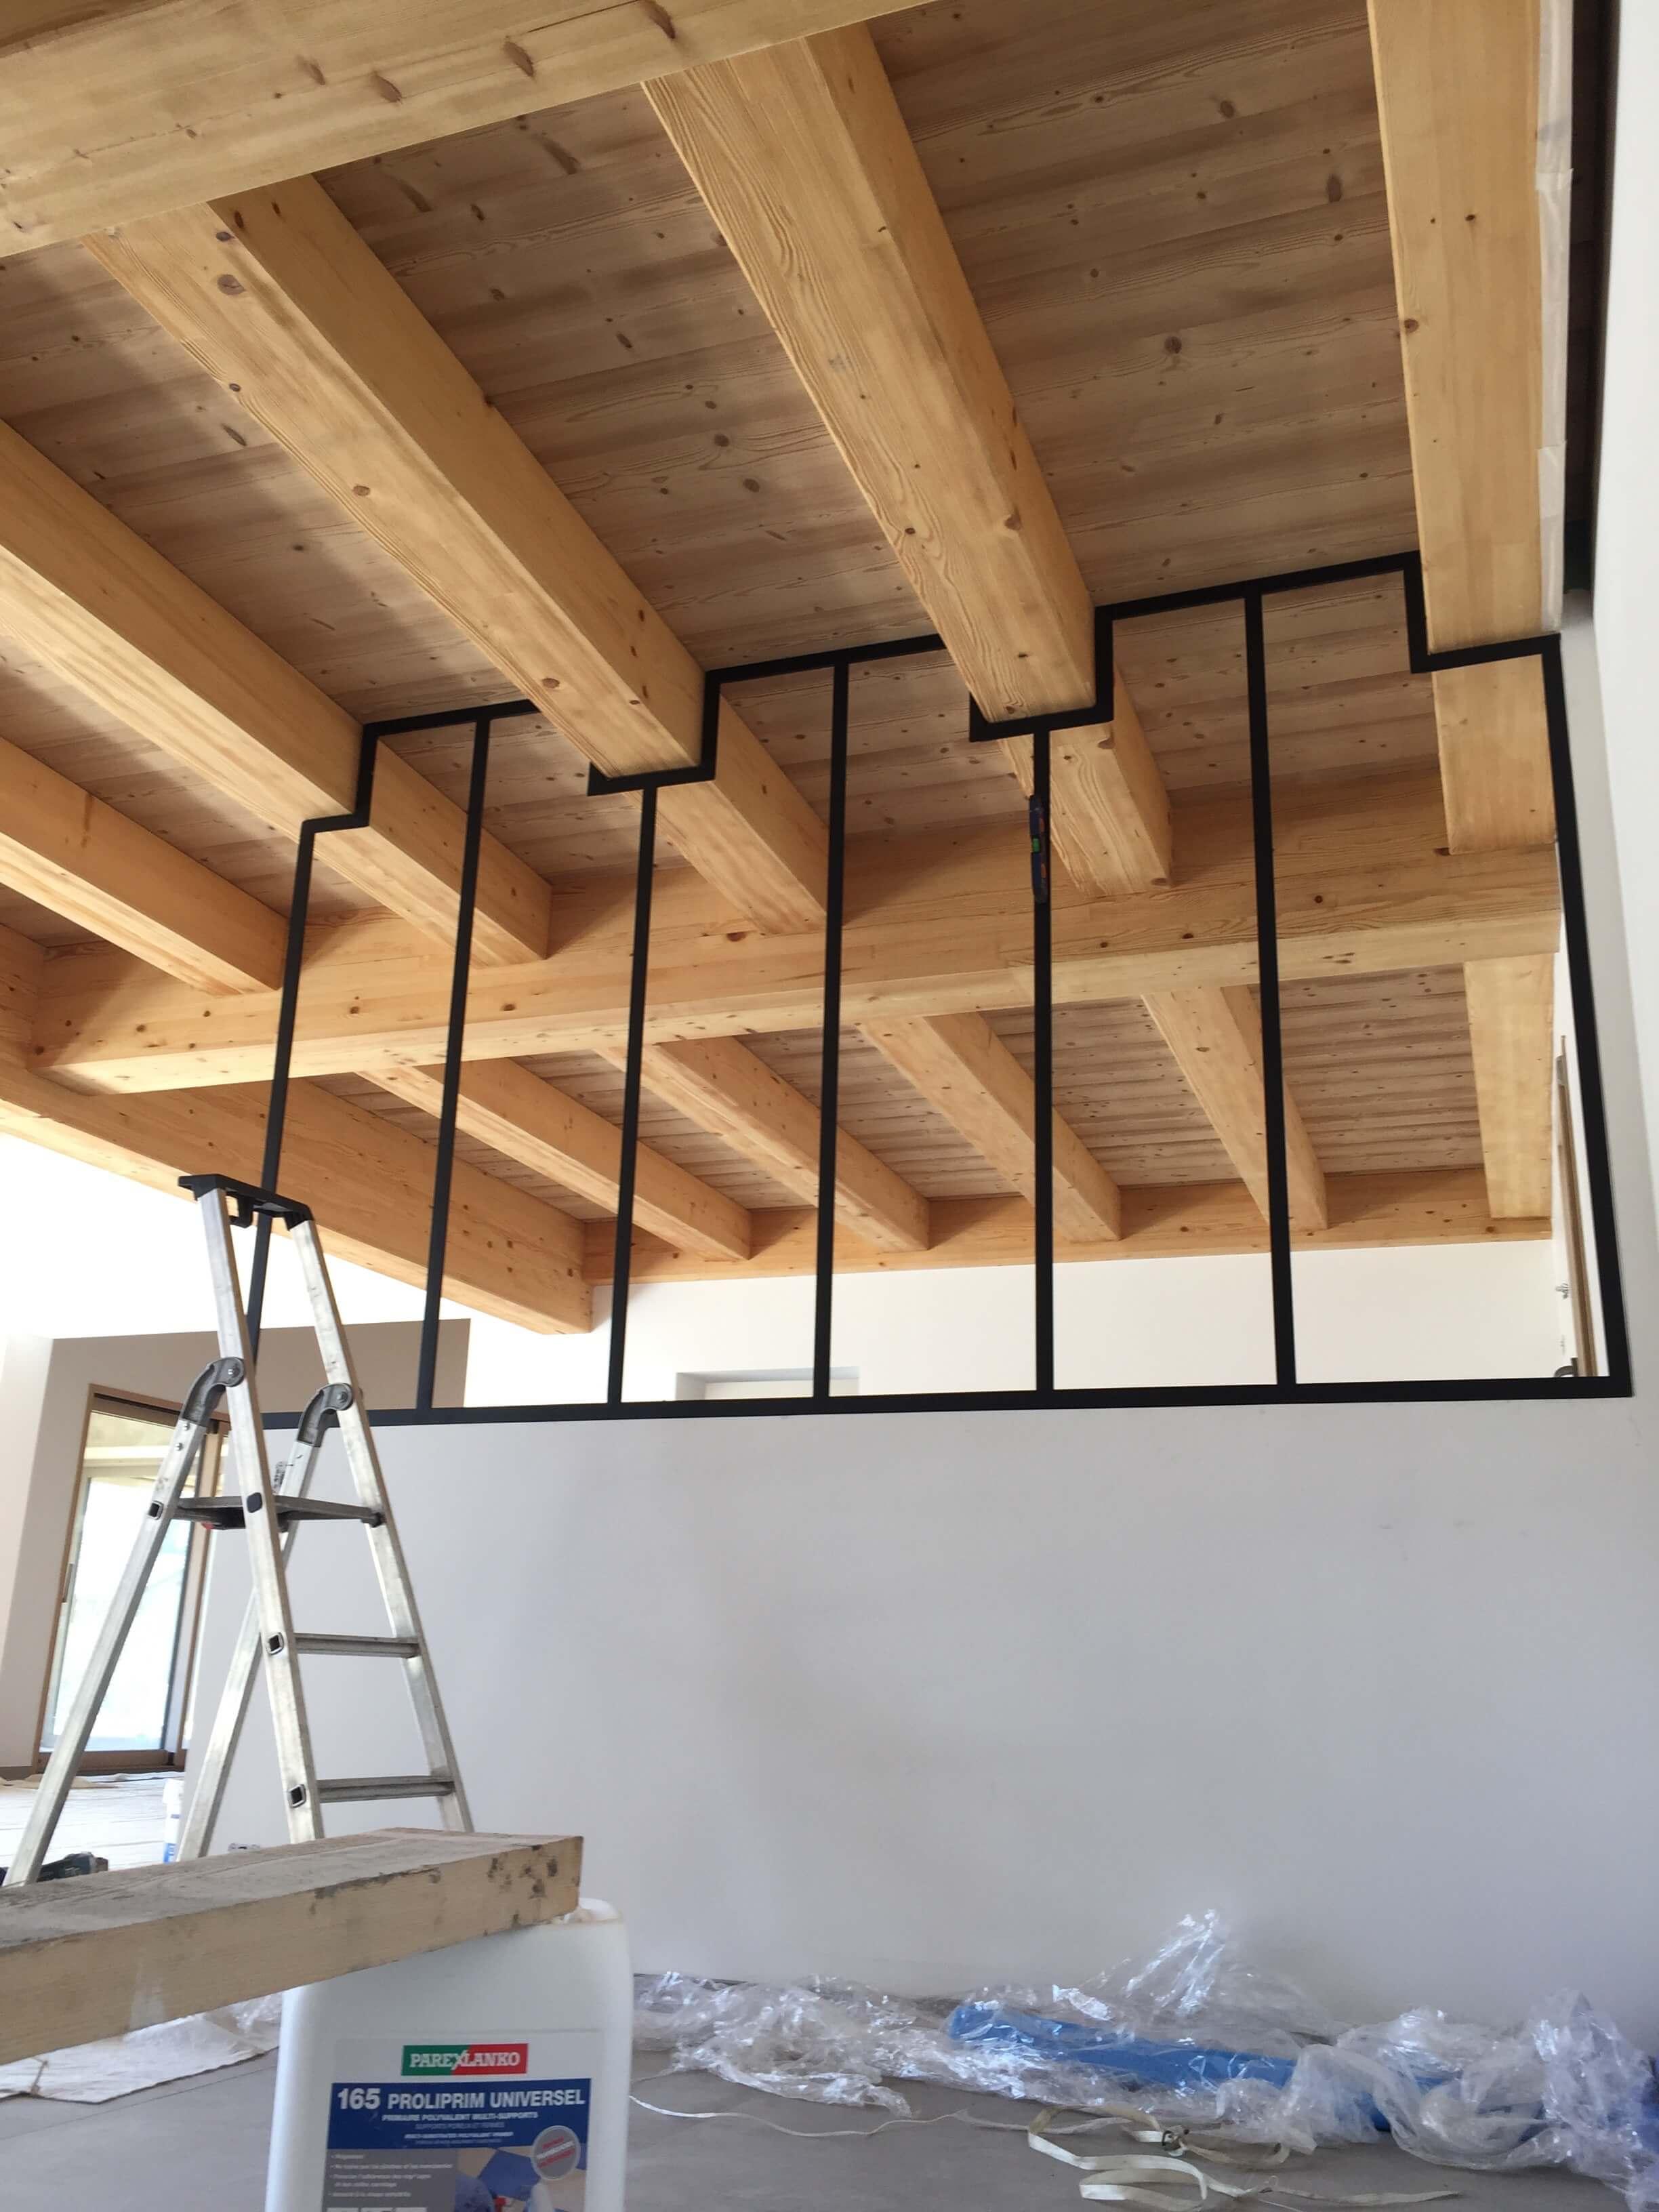 Robi design Métallique Annecy agencement intérieur verrière claustra Tarentaise 732